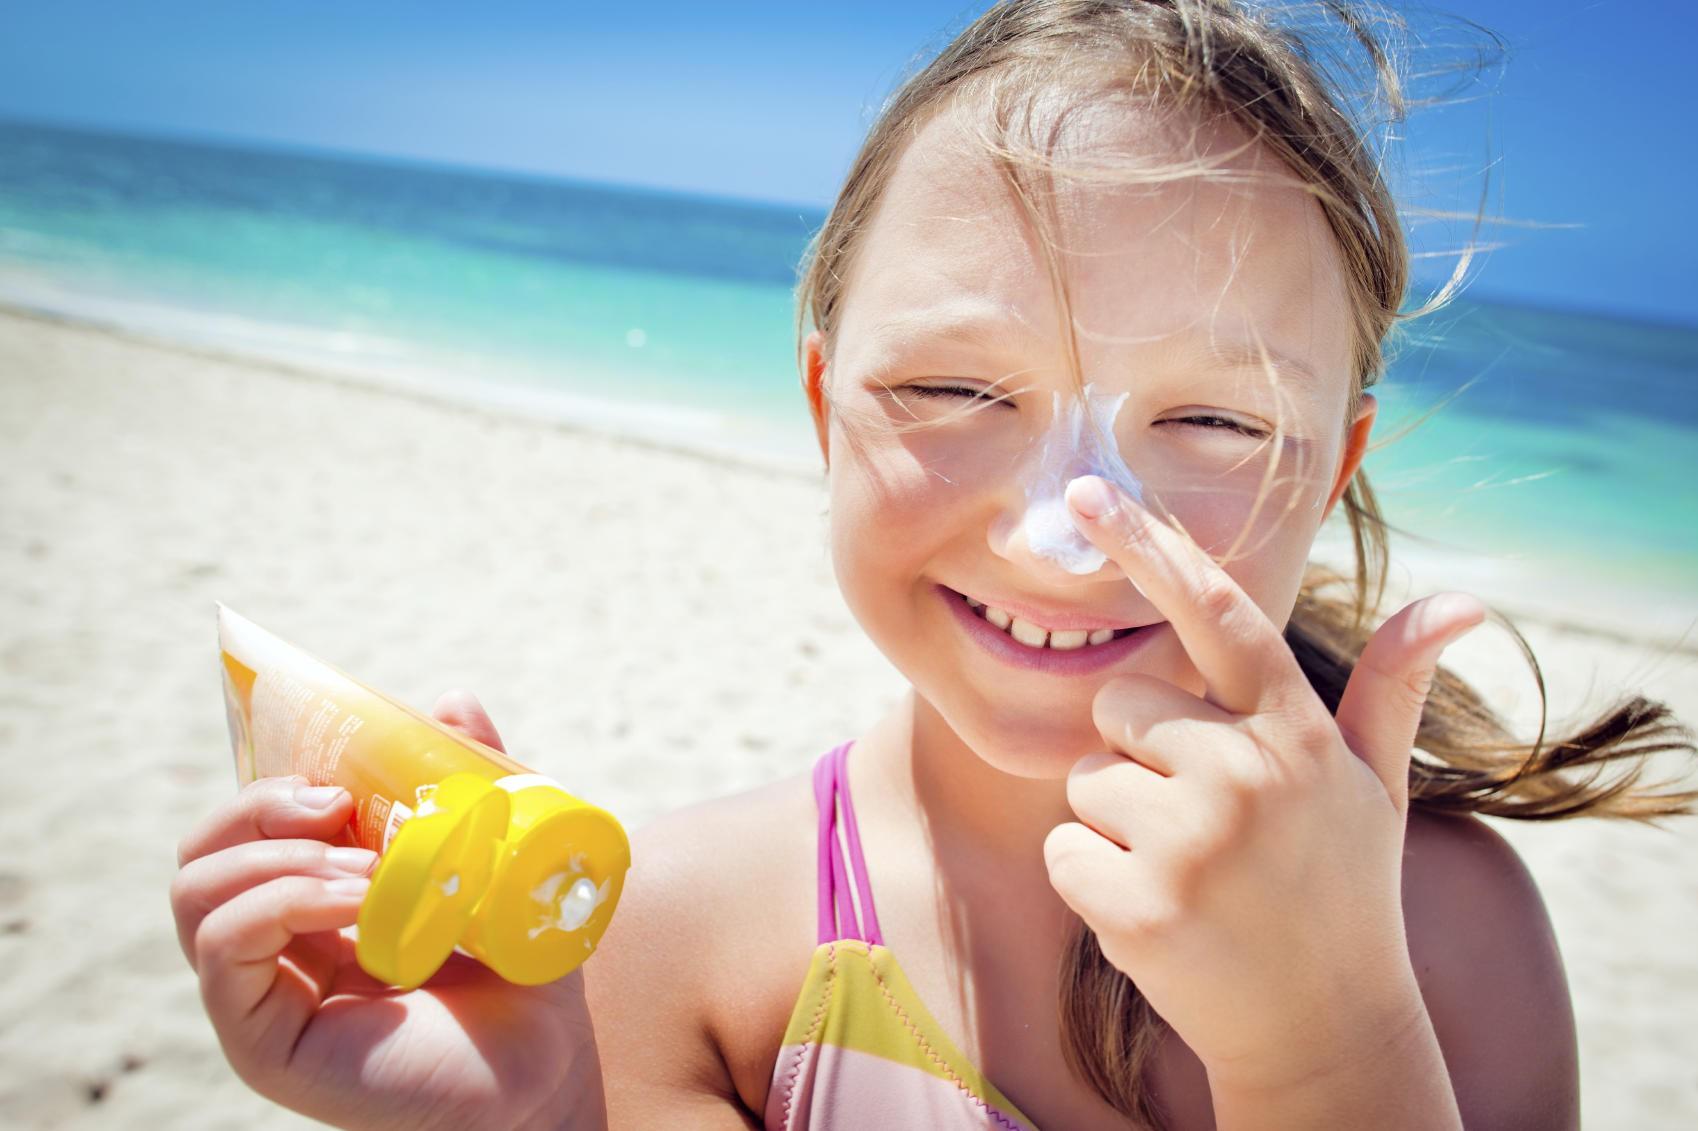 Nghiên cứu chỉ ra rằng: Thoa kem chống nắng từ khi còn nhỏ giúp giảm đến 40% nguy cơ mắc bệnh này về da - Ảnh 1